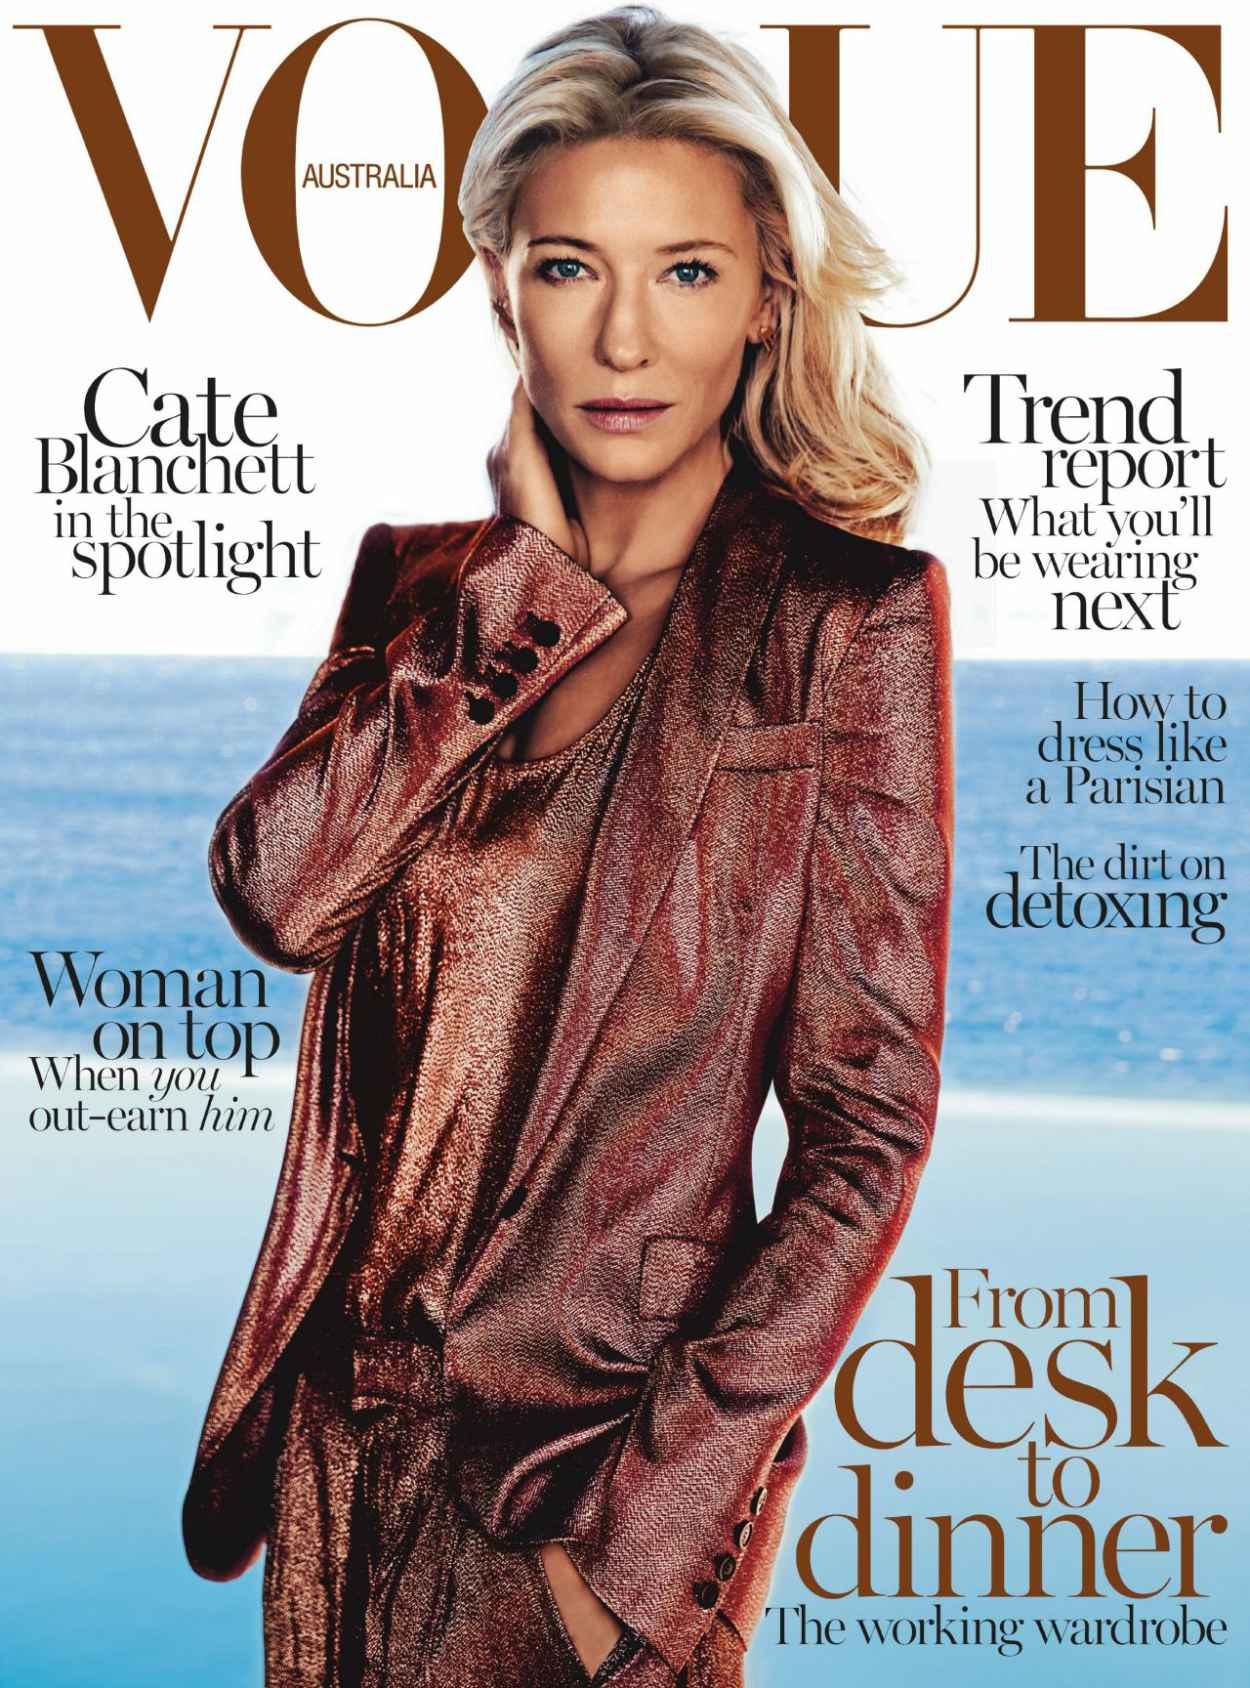 Cate Blanchett - VOGUE Magazine (Australia) - February 2015 Cover-1